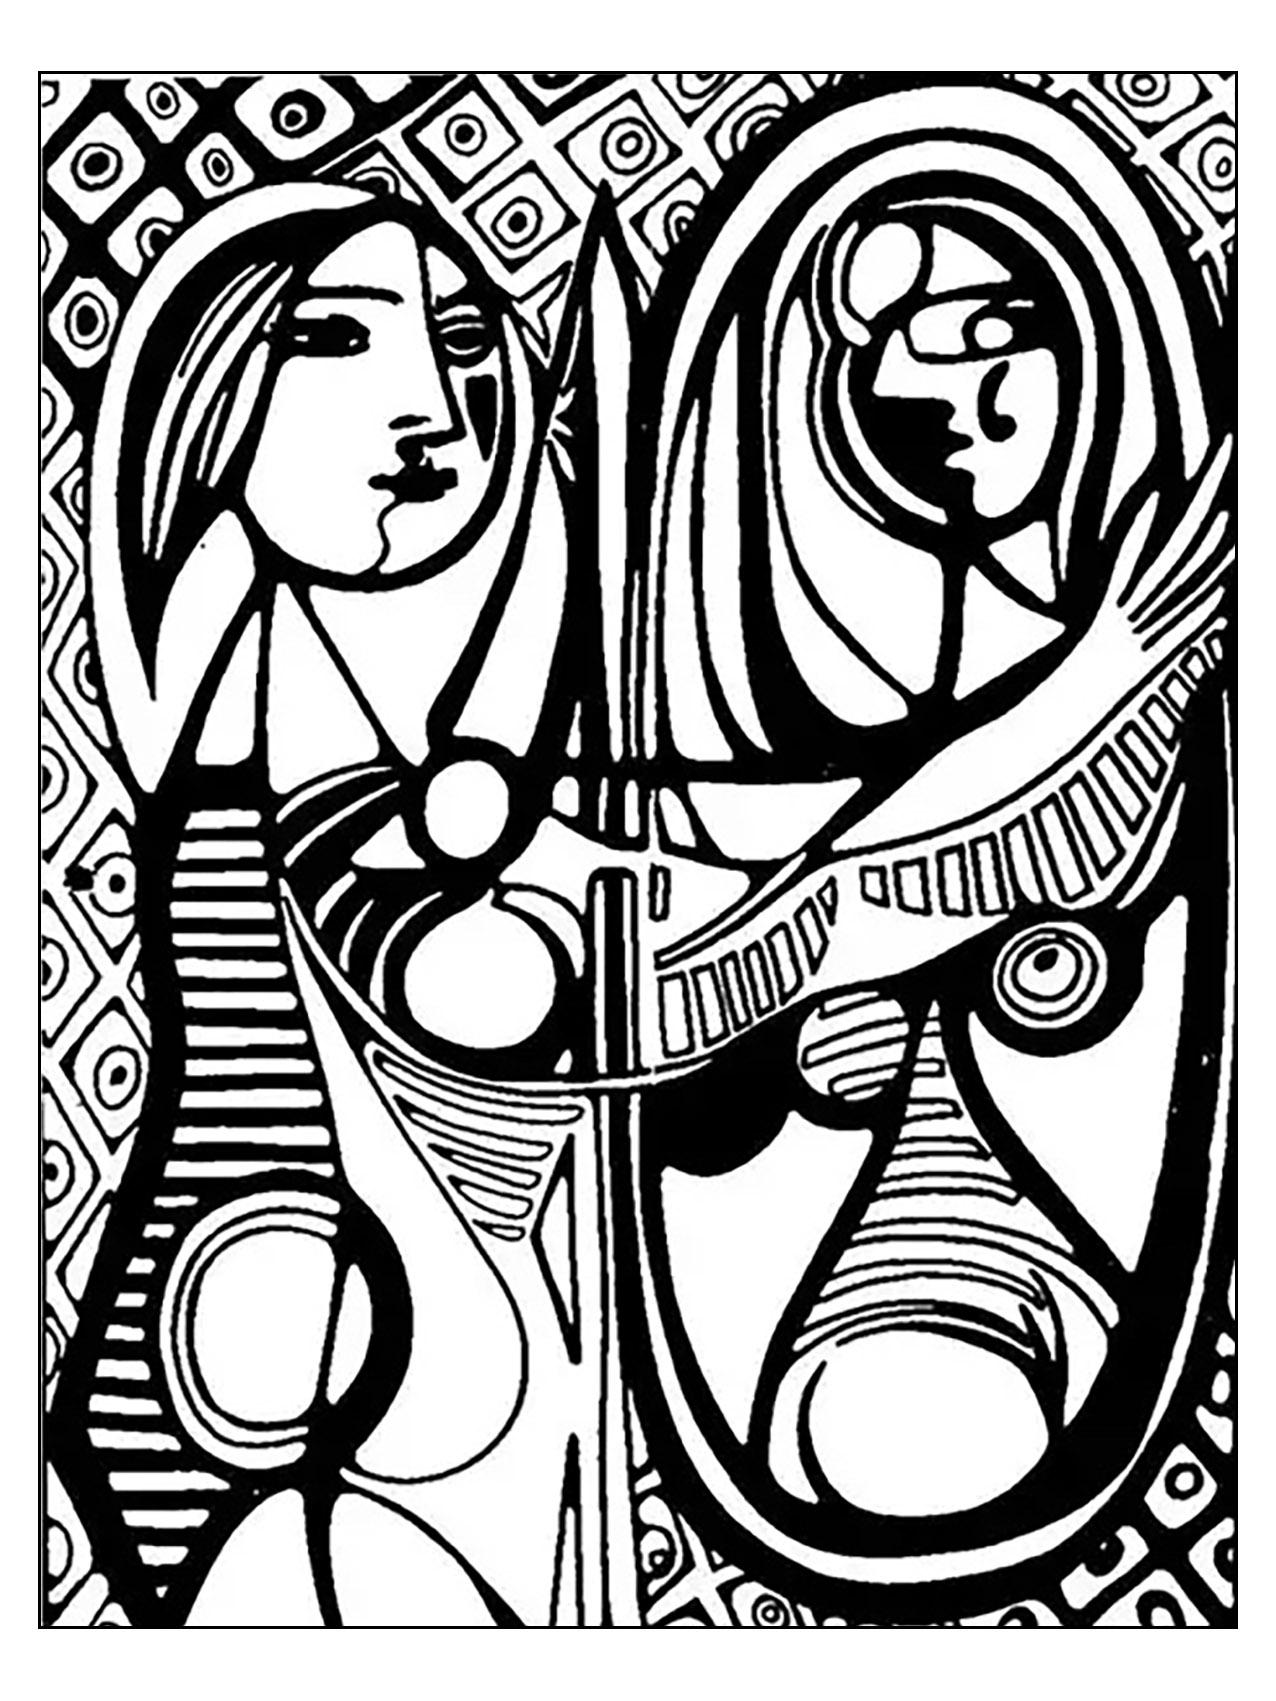 Coloriage inspiré par 'La femme au miroir' de Picasso (1932)